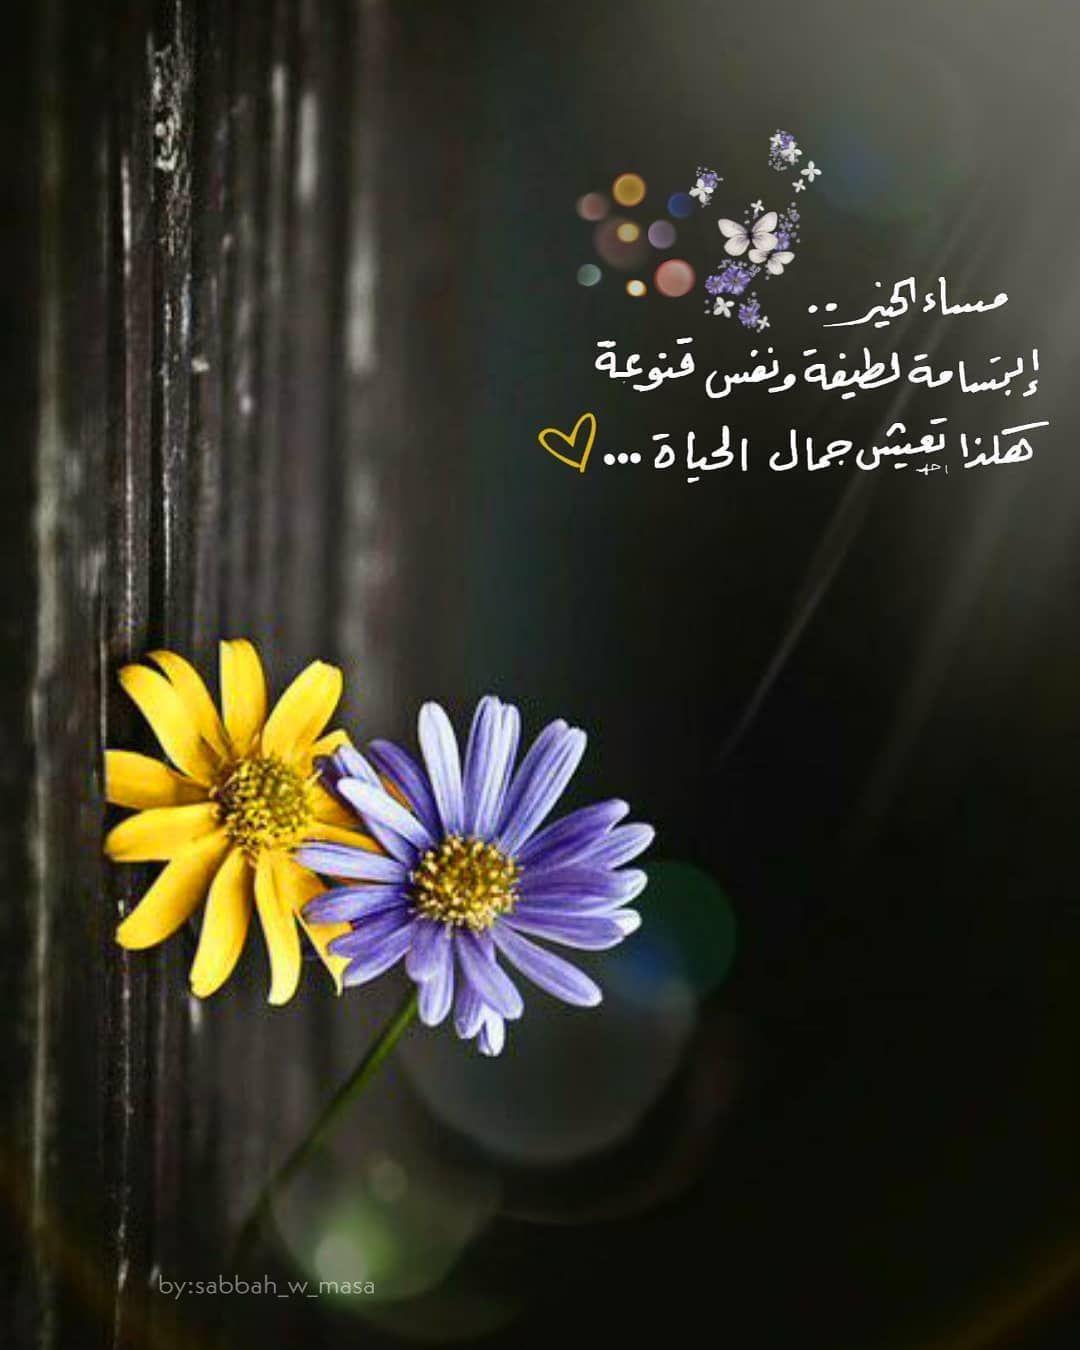 صبح و مساء On Instagram مساء الخيرات والمسرات مساء الورد تصميم تصاميم الس Islamic Pictures Morning Images Latte Art Tutorial